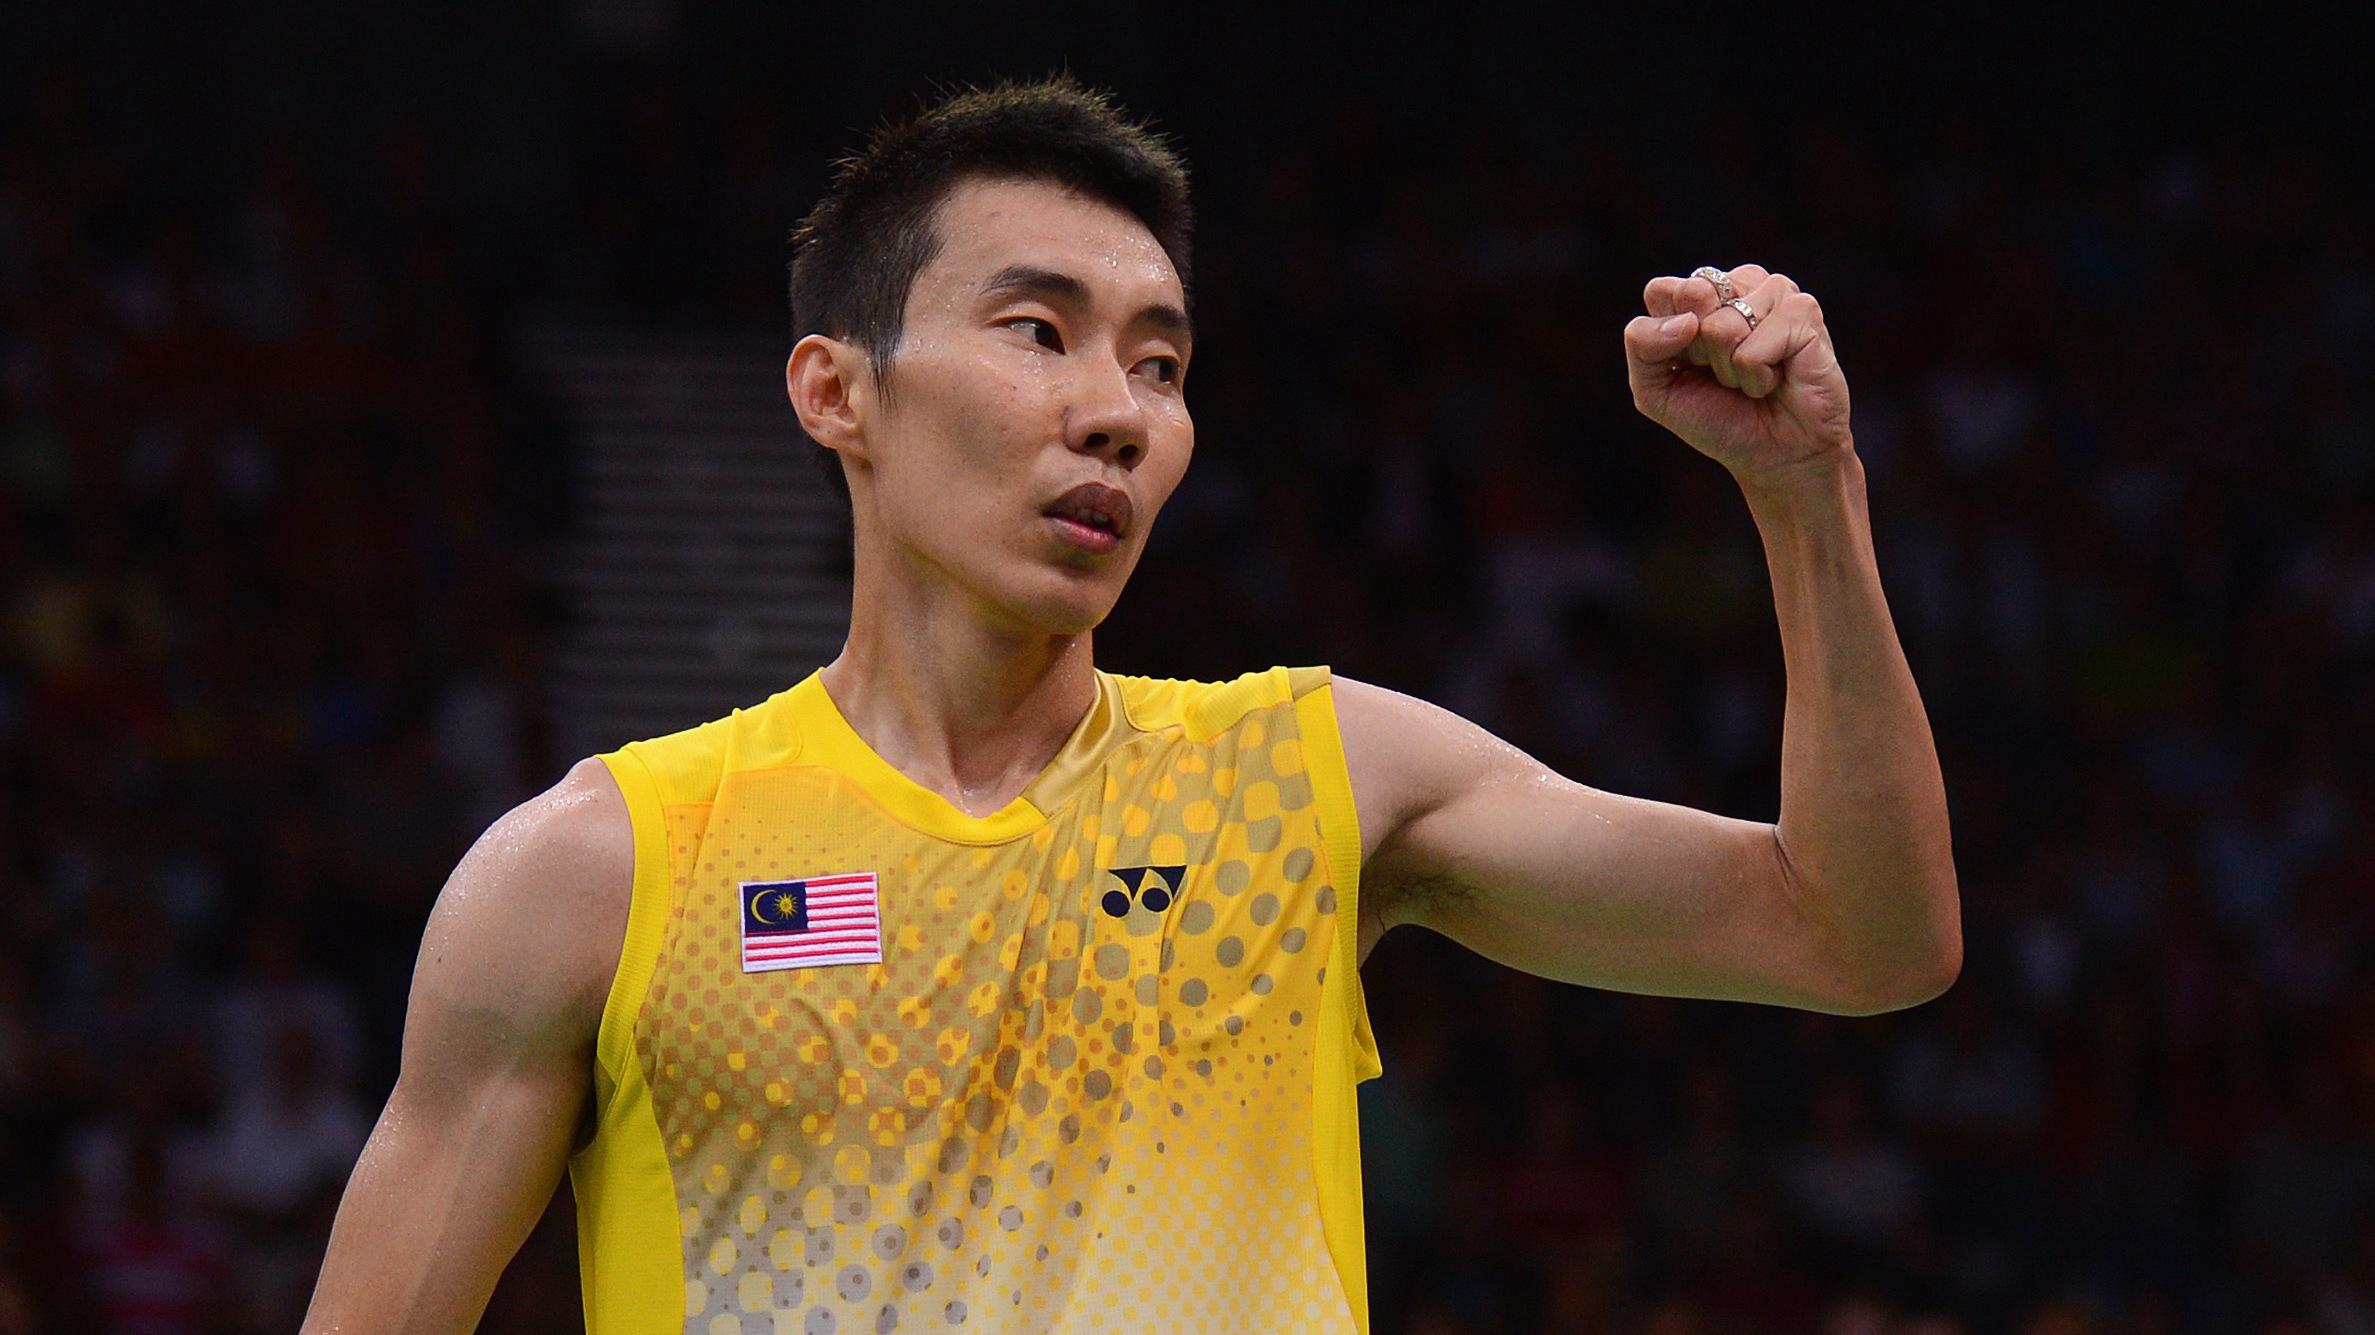 Malaysian Men's Singles Player Lee Chong Wei